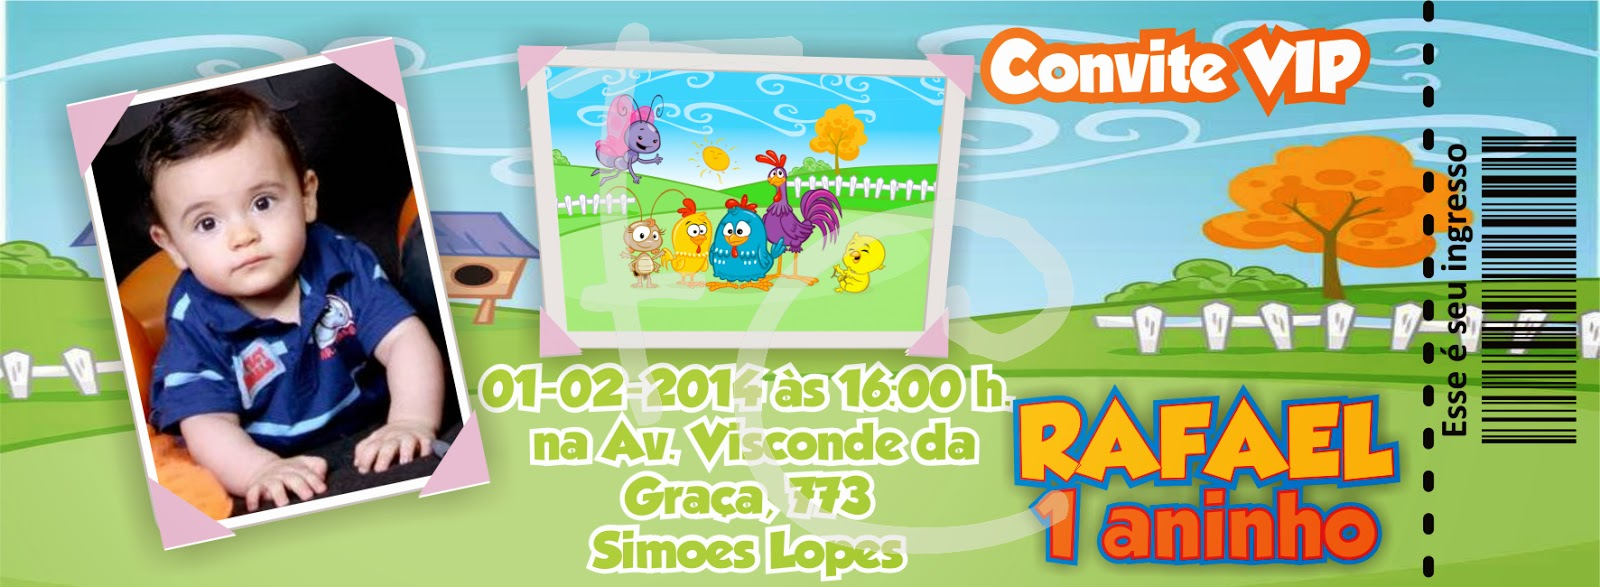 Convite Ingresso - Galinha Pintadinha